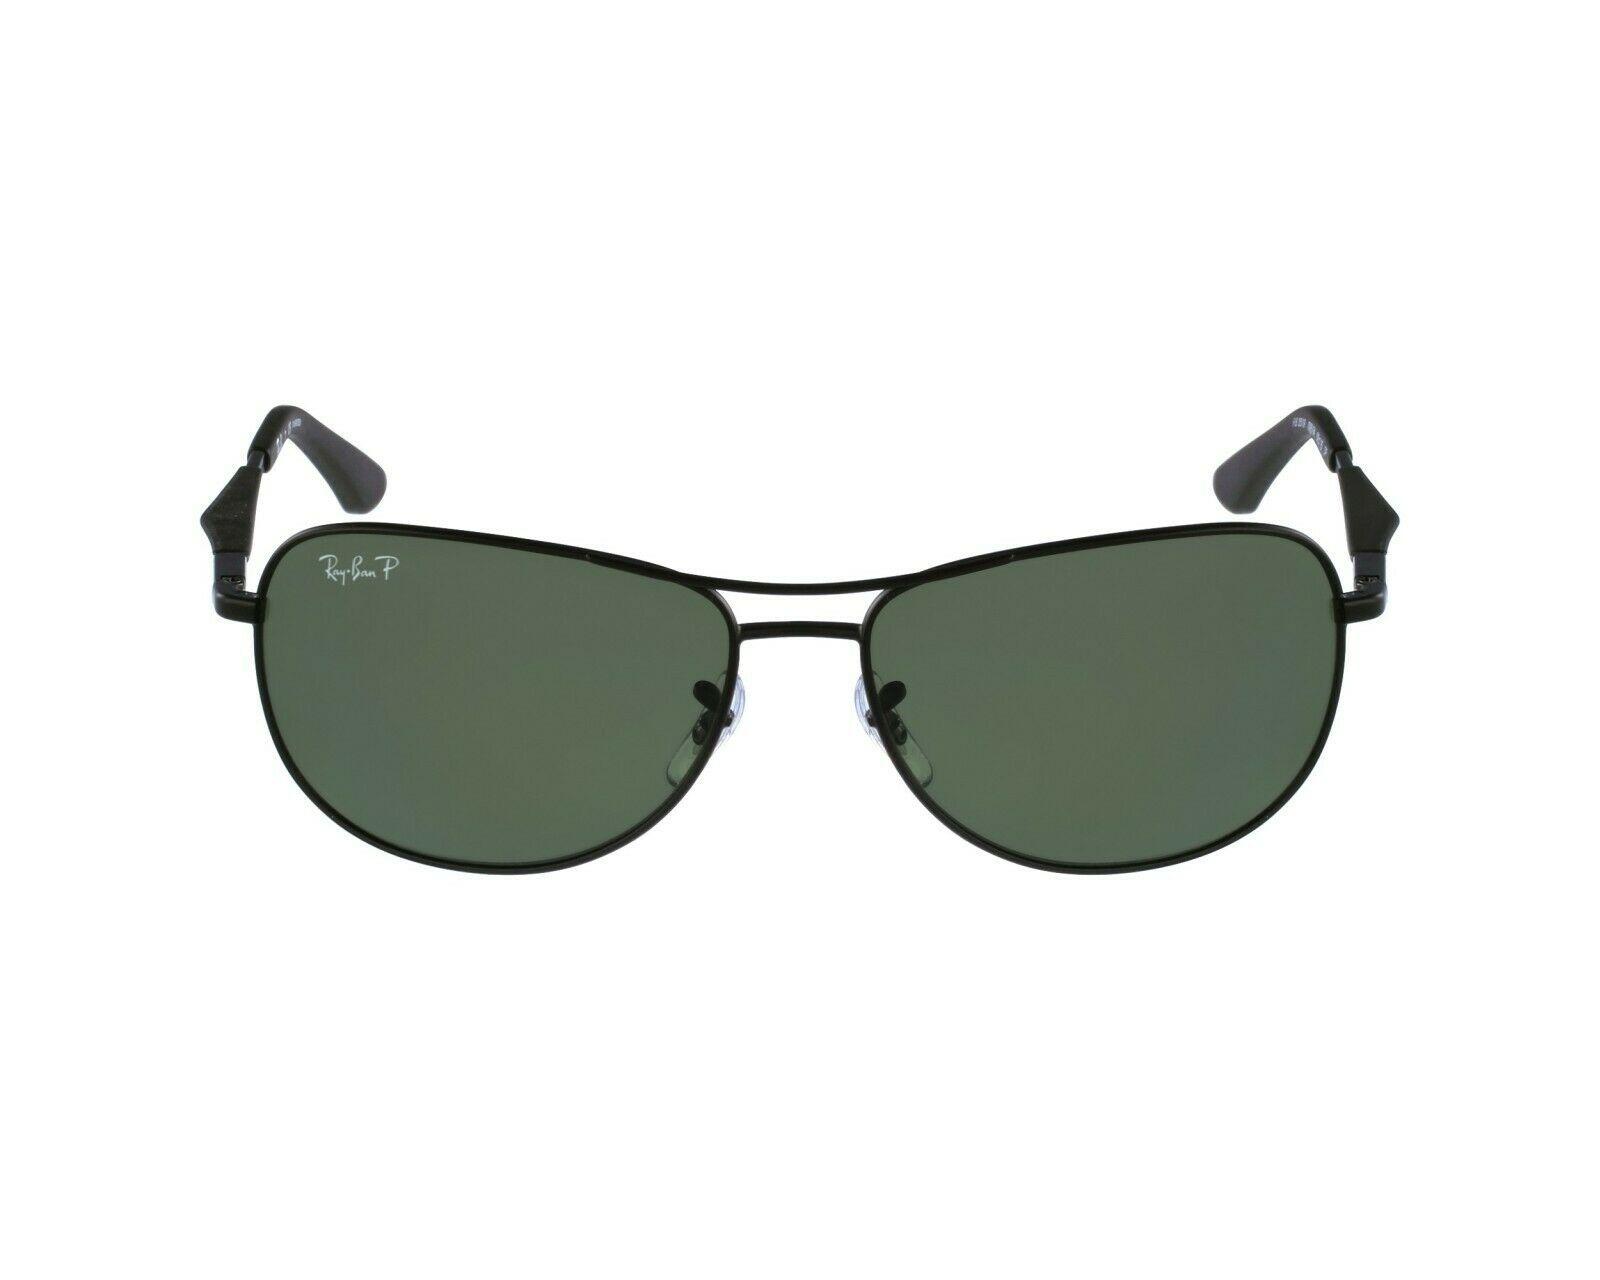 Nuevo Ray Ban RB 3519 006 / 9A Mate Negro W/ Verde Lentes Polarizados 59mm